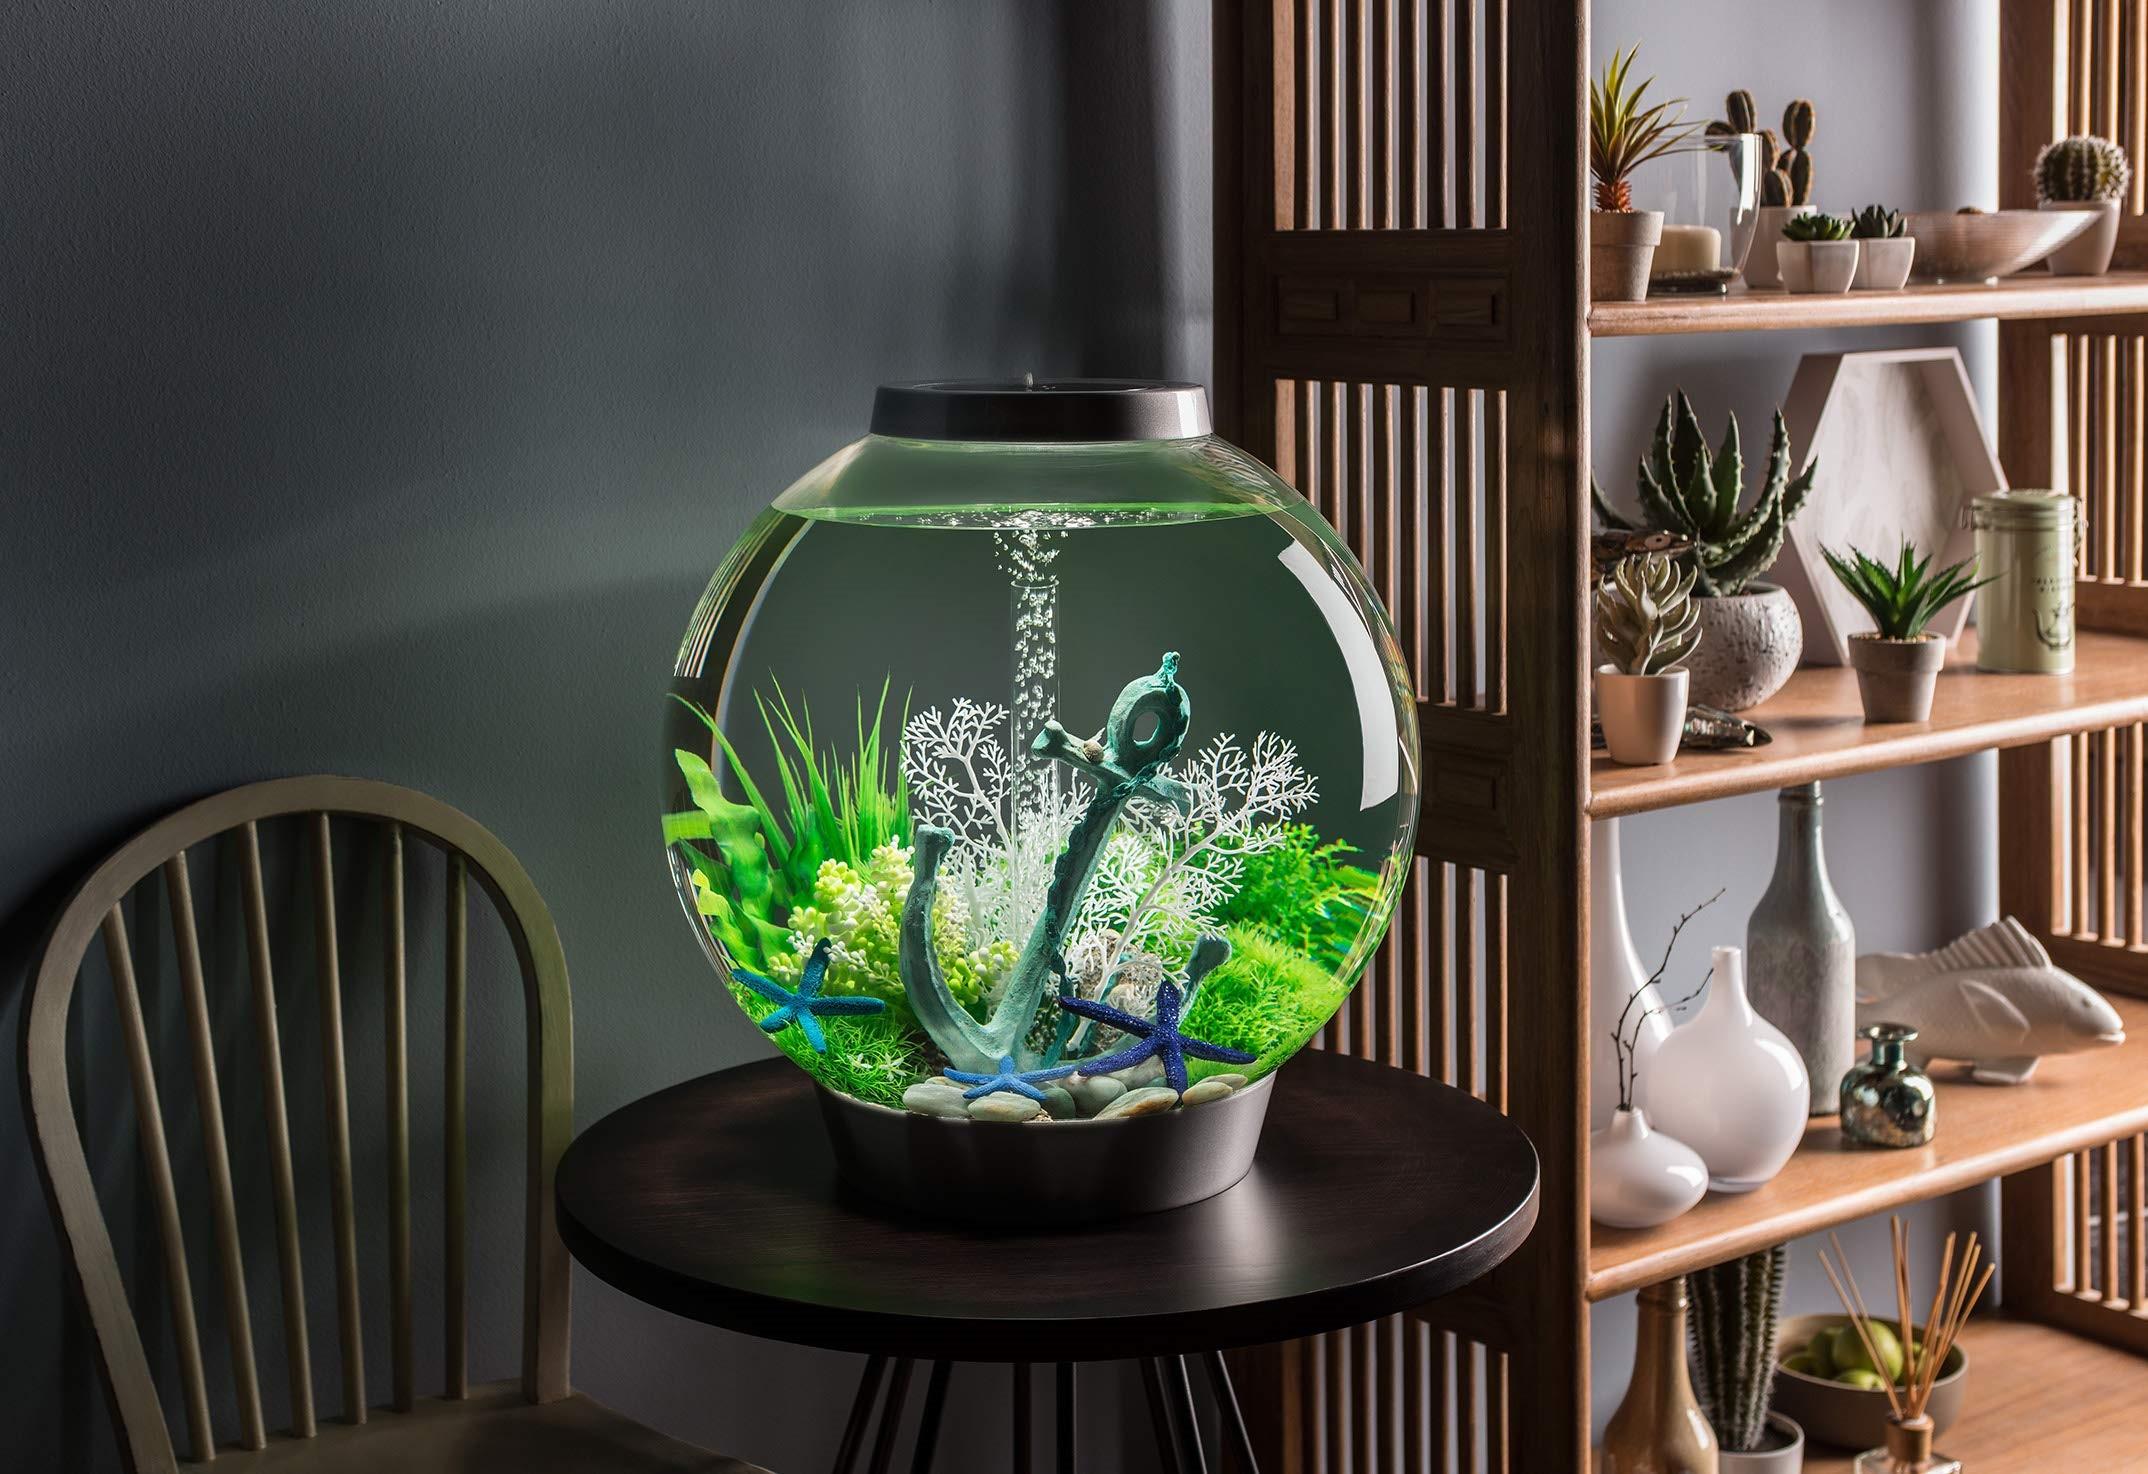 Покупка аквариума: размер, форма и другие критерии выбора «домика для рыбок»